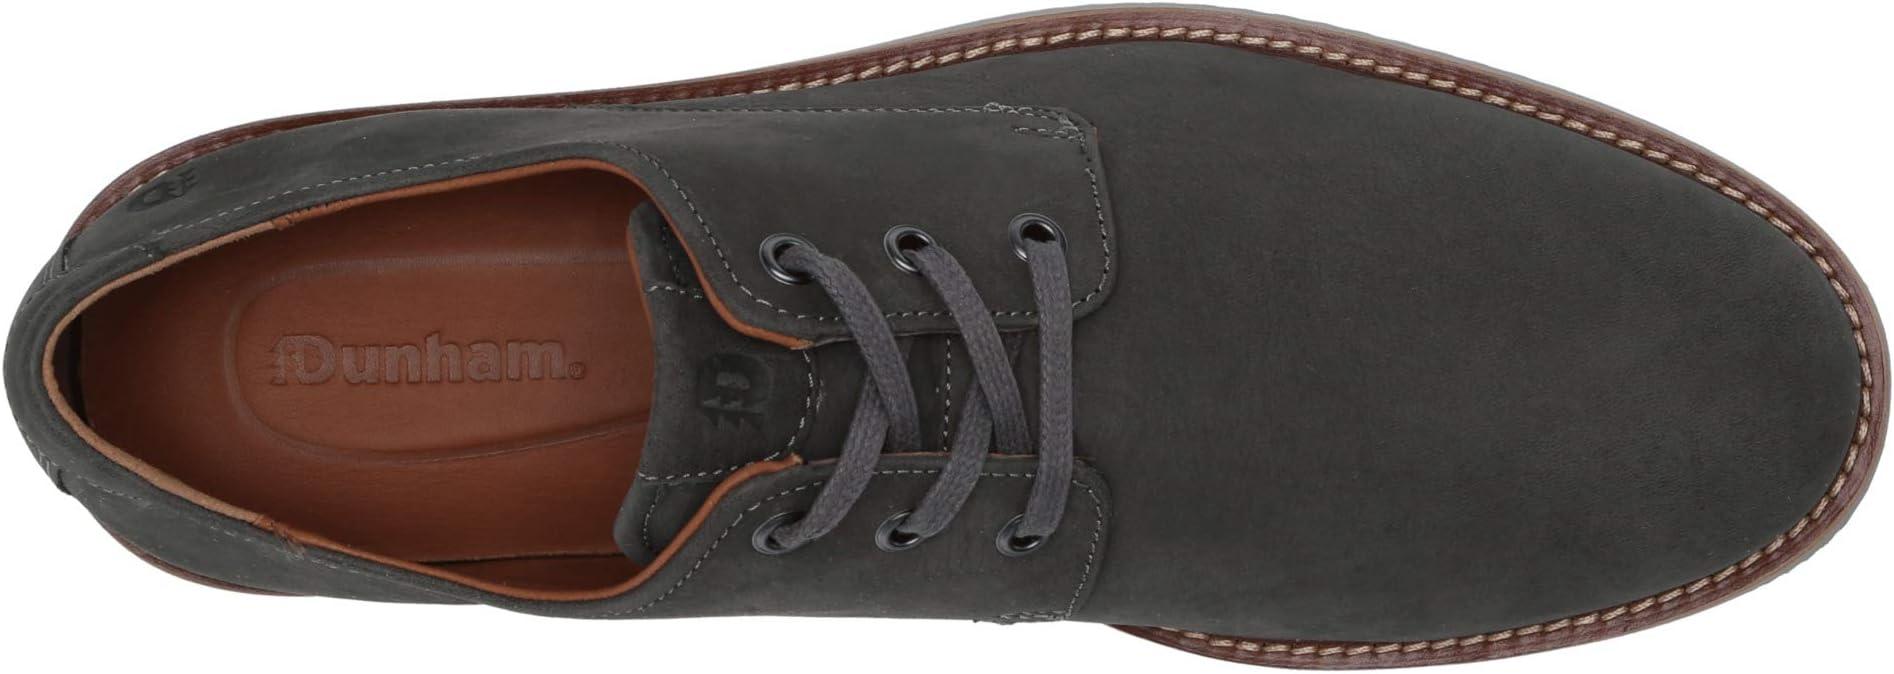 Dunham Clyde Plaintoe | Men's shoes | 2020 Newest